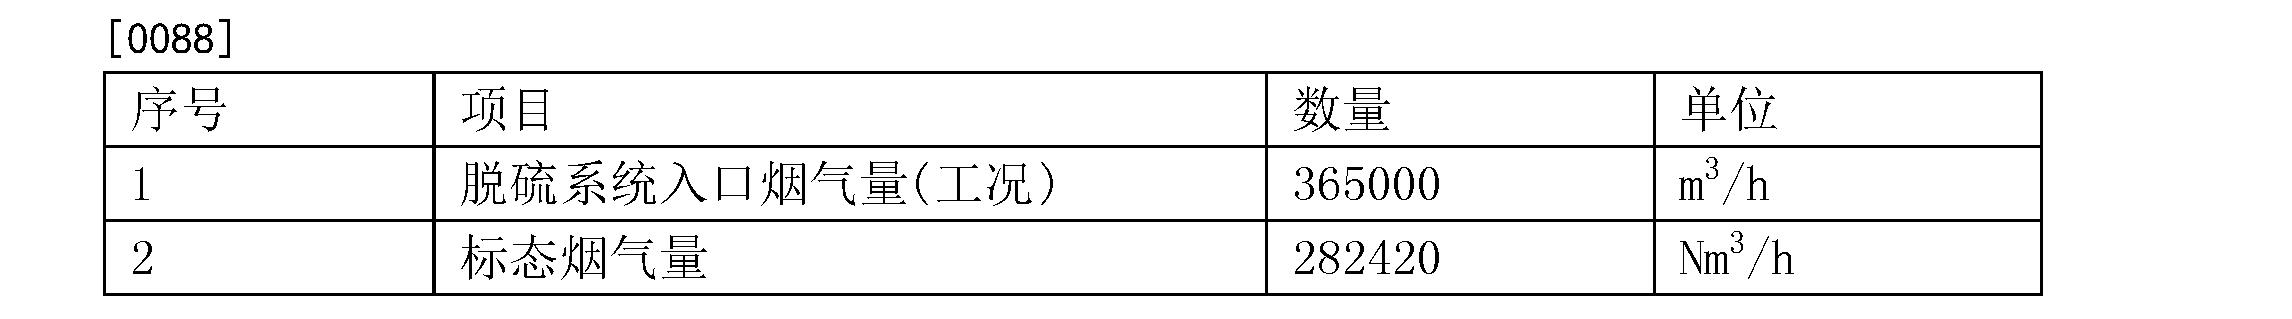 Figure CN104495886BD00114